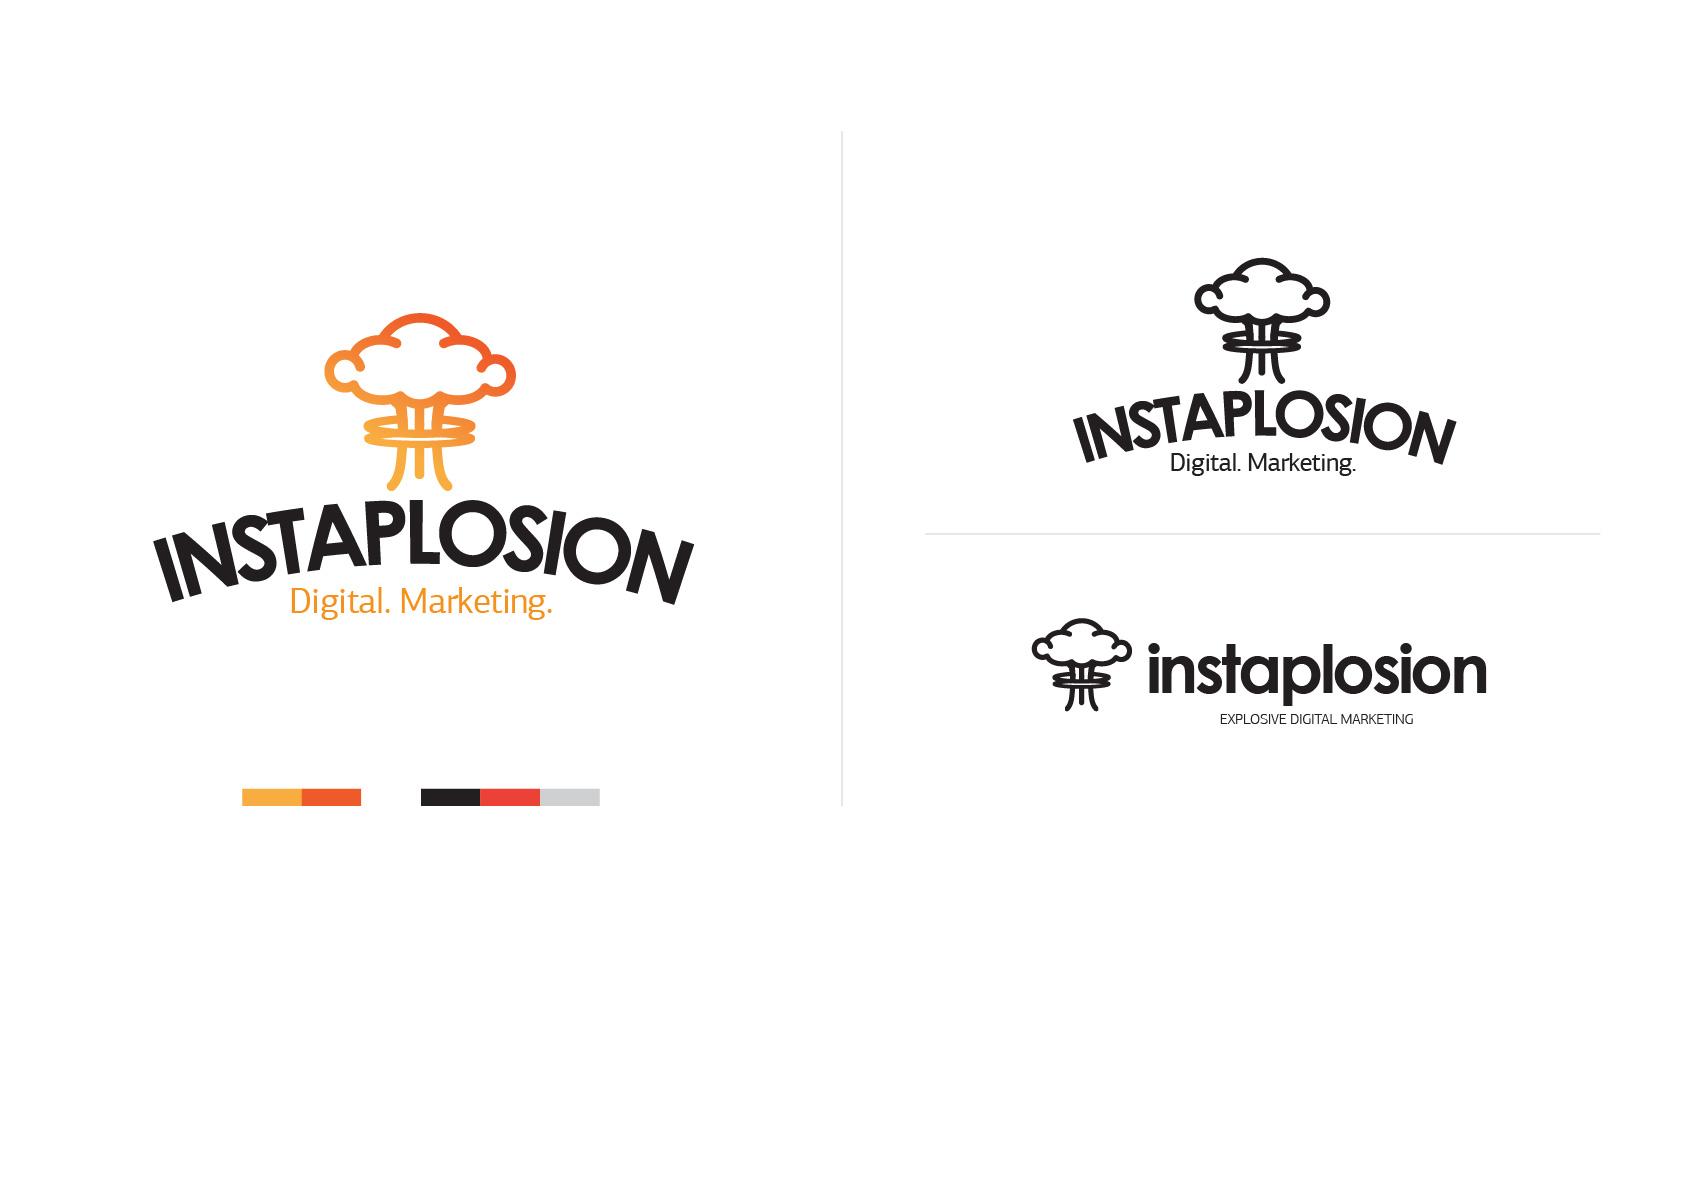 instaplosion-09